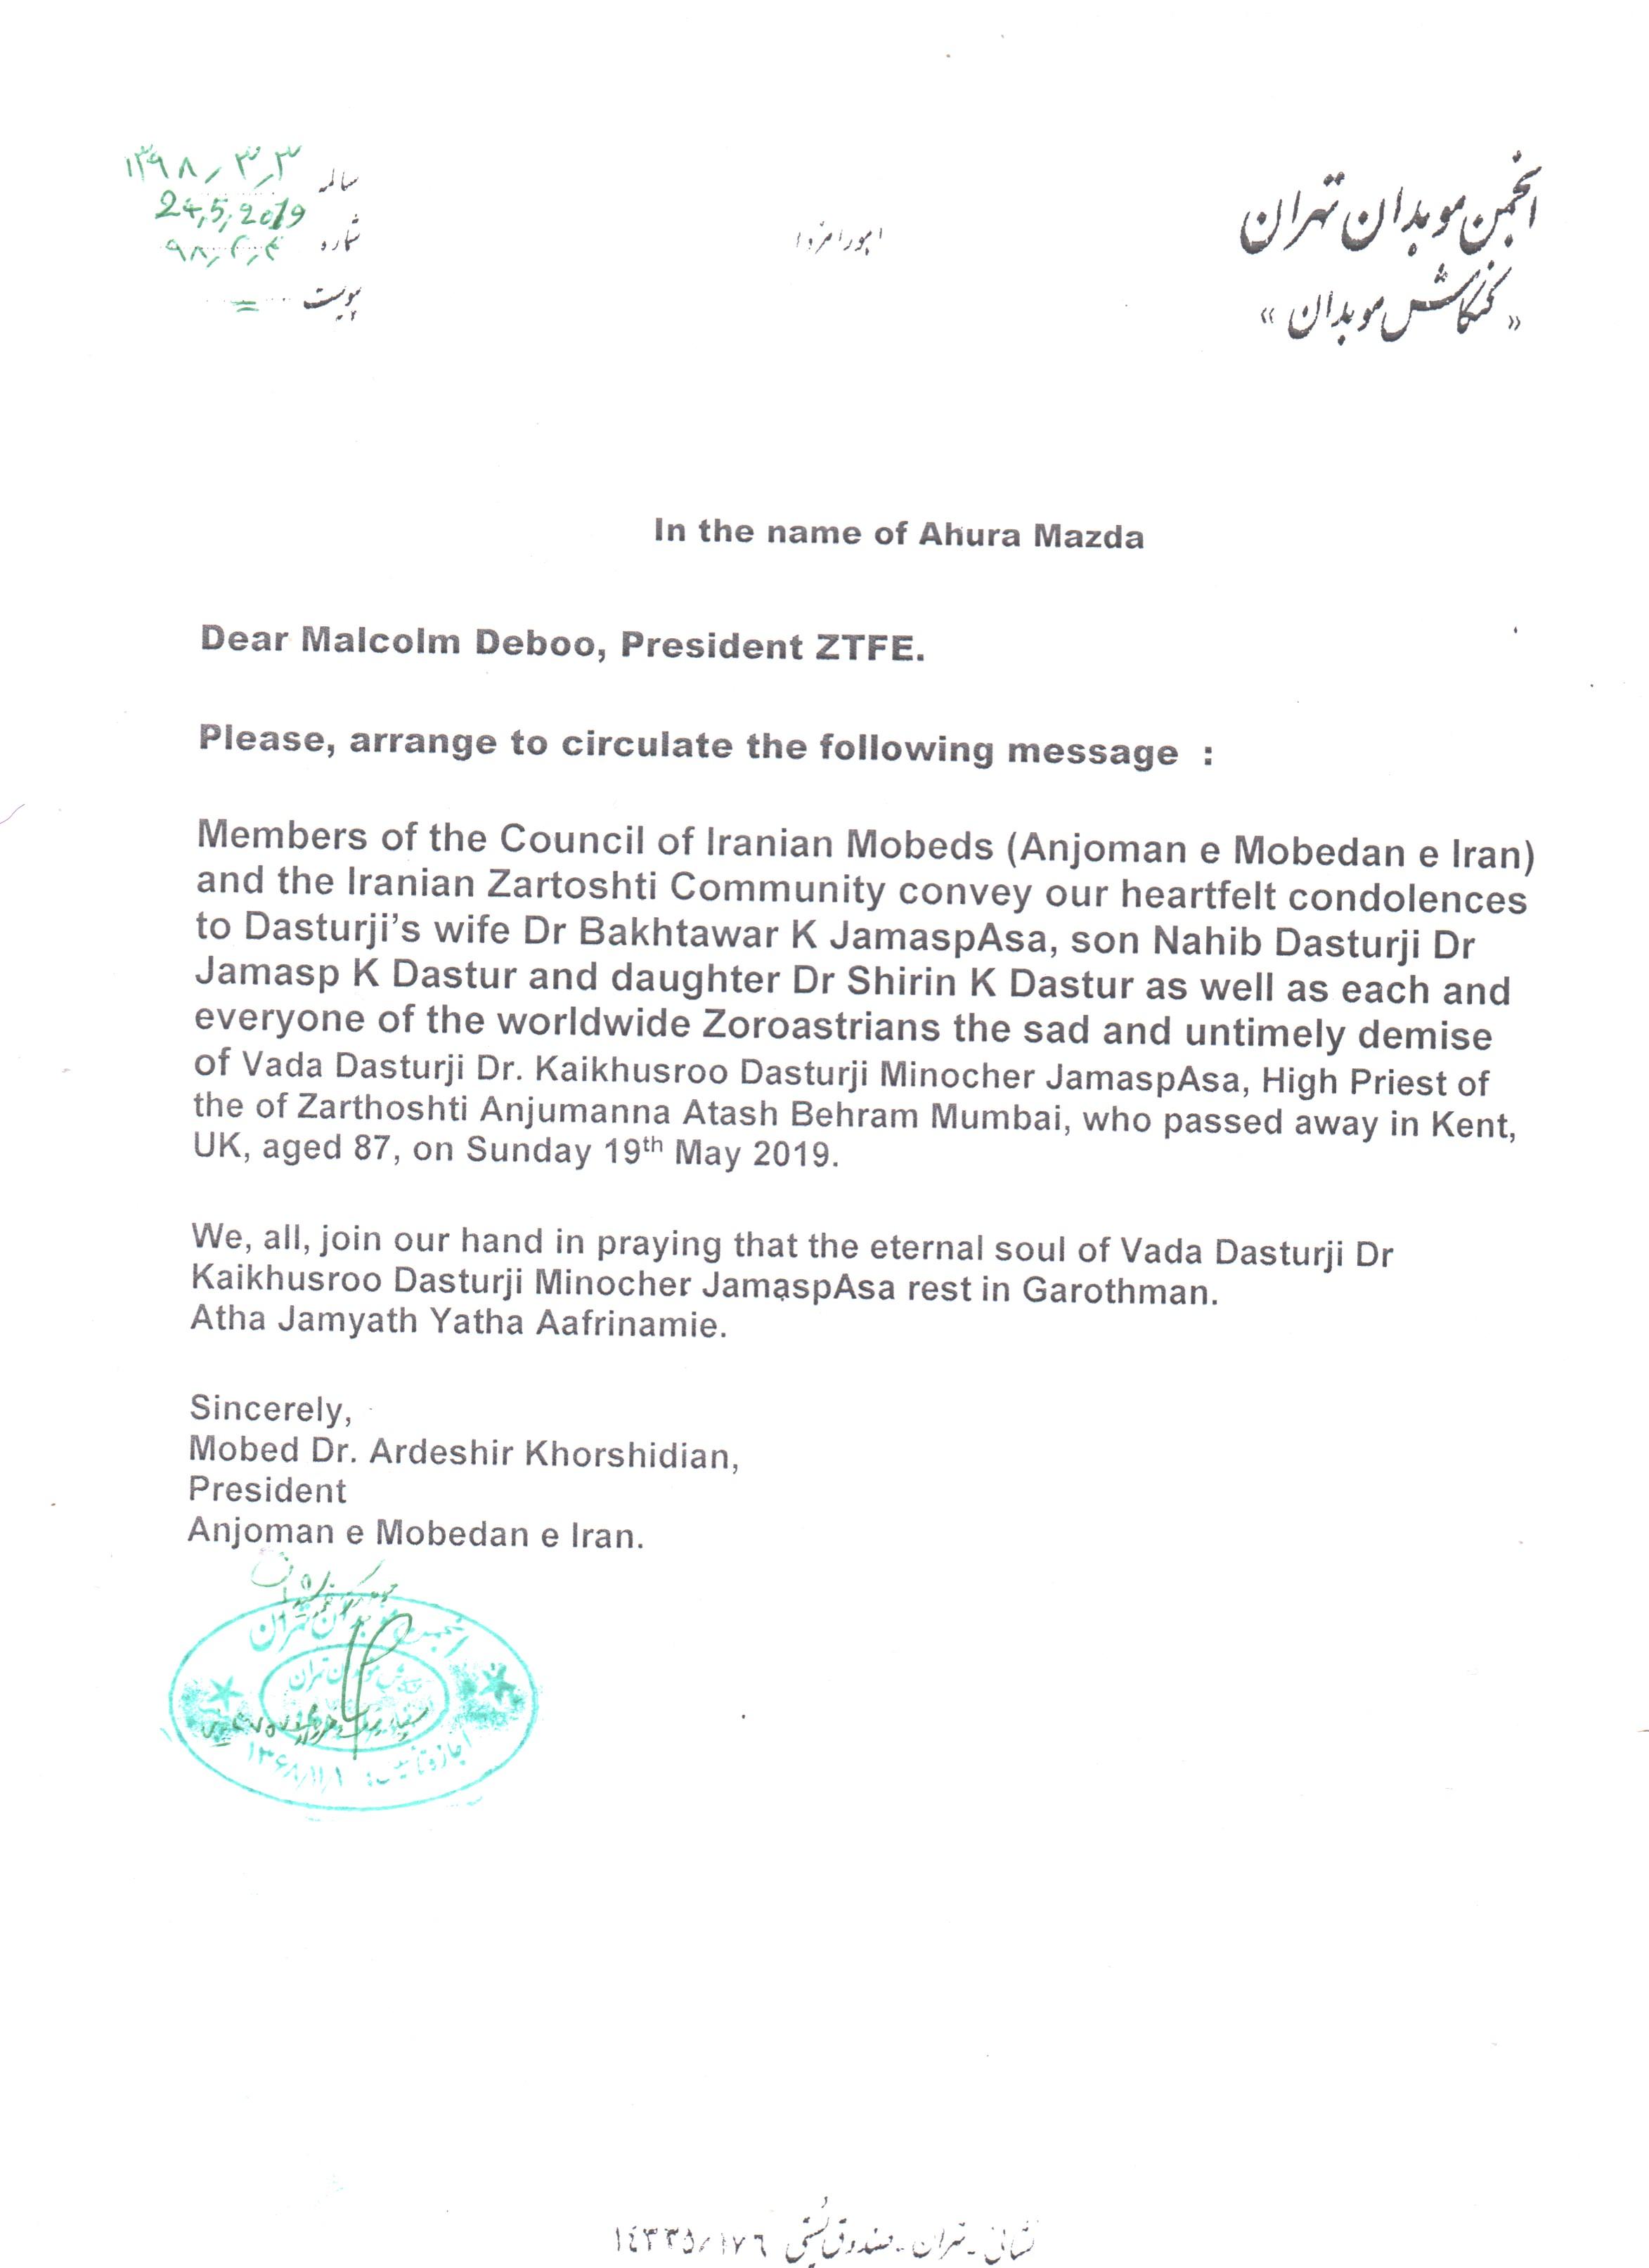 پیام آرامشباد انجمن موبدان در پی درگذشت دستور بزرگ پارسیان هند